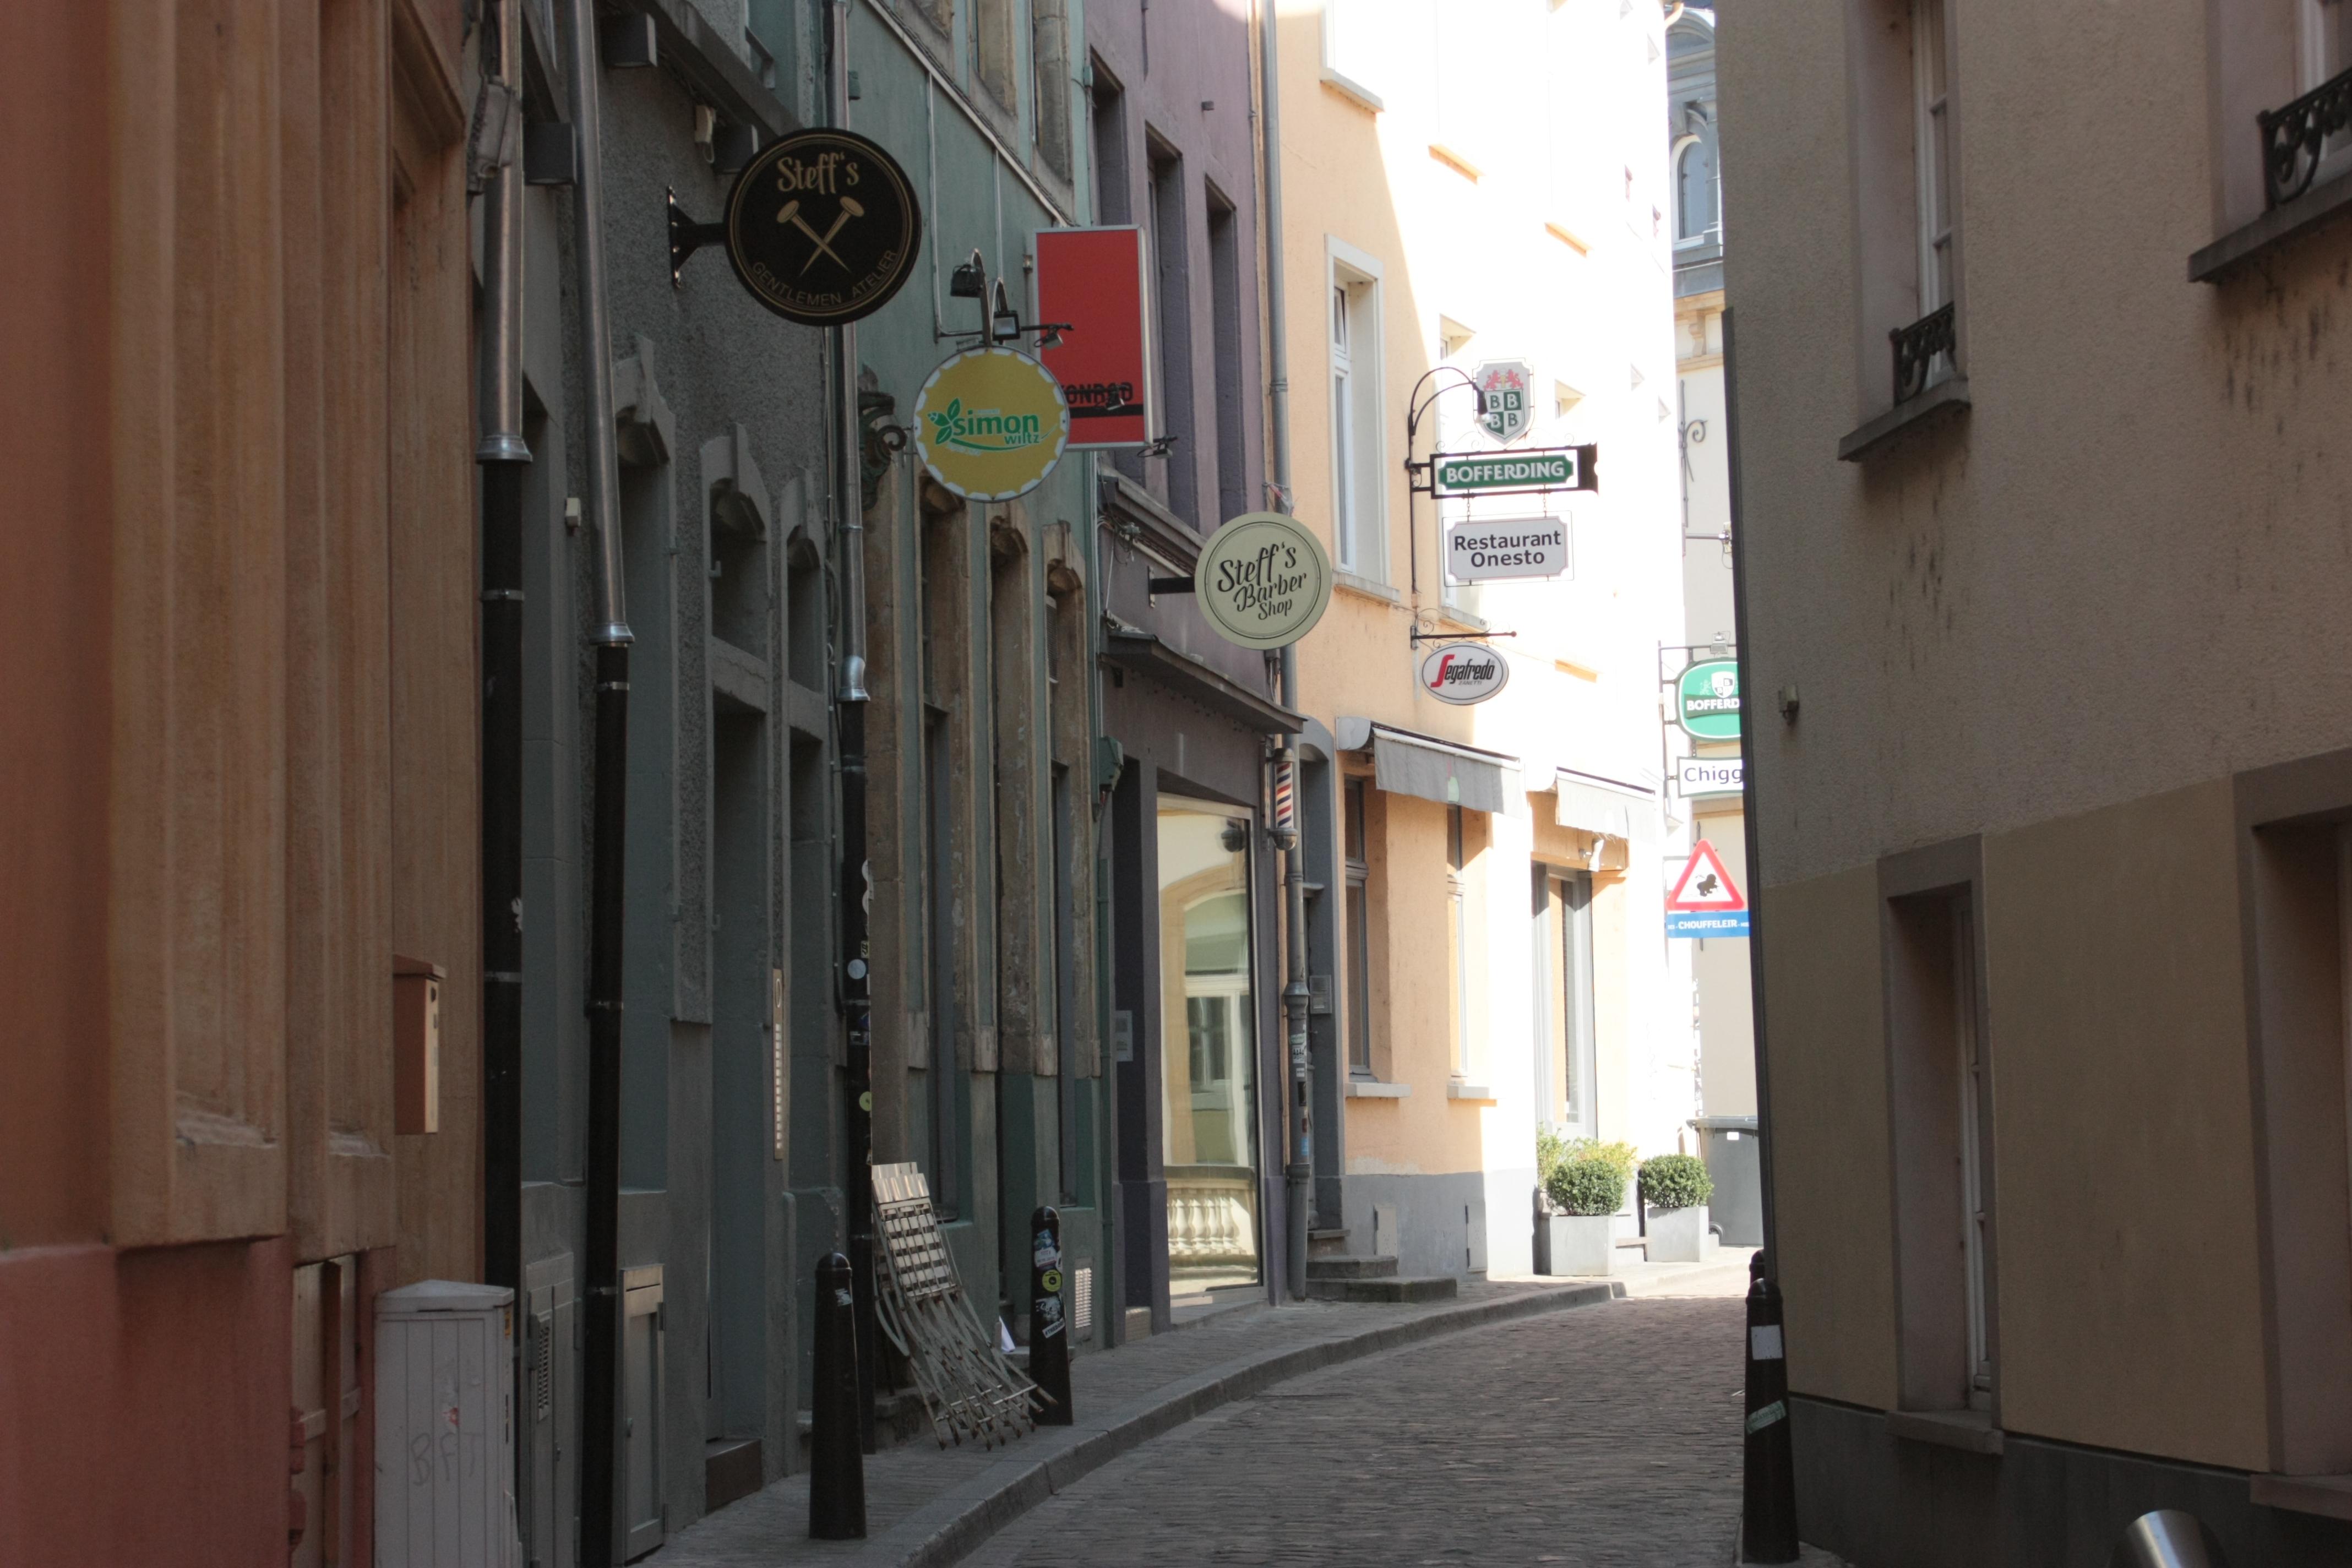 rue déserte restaurants fermés Luxembour crise corona